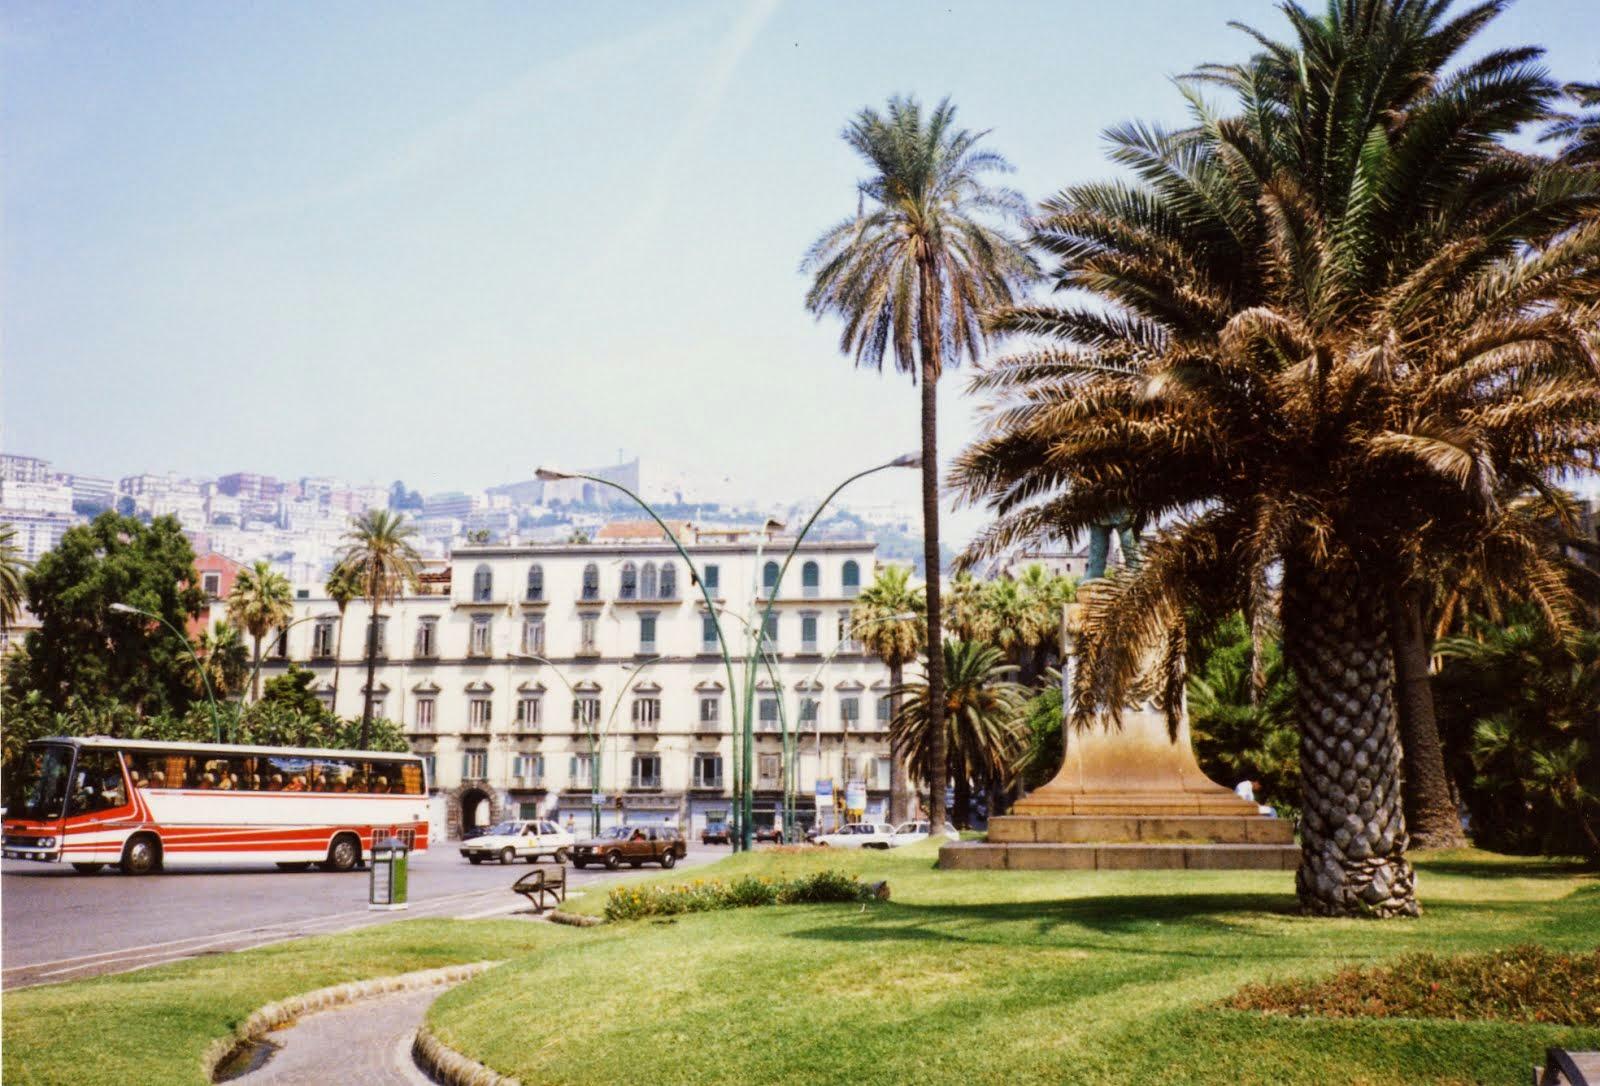 Italie památky s odkazem